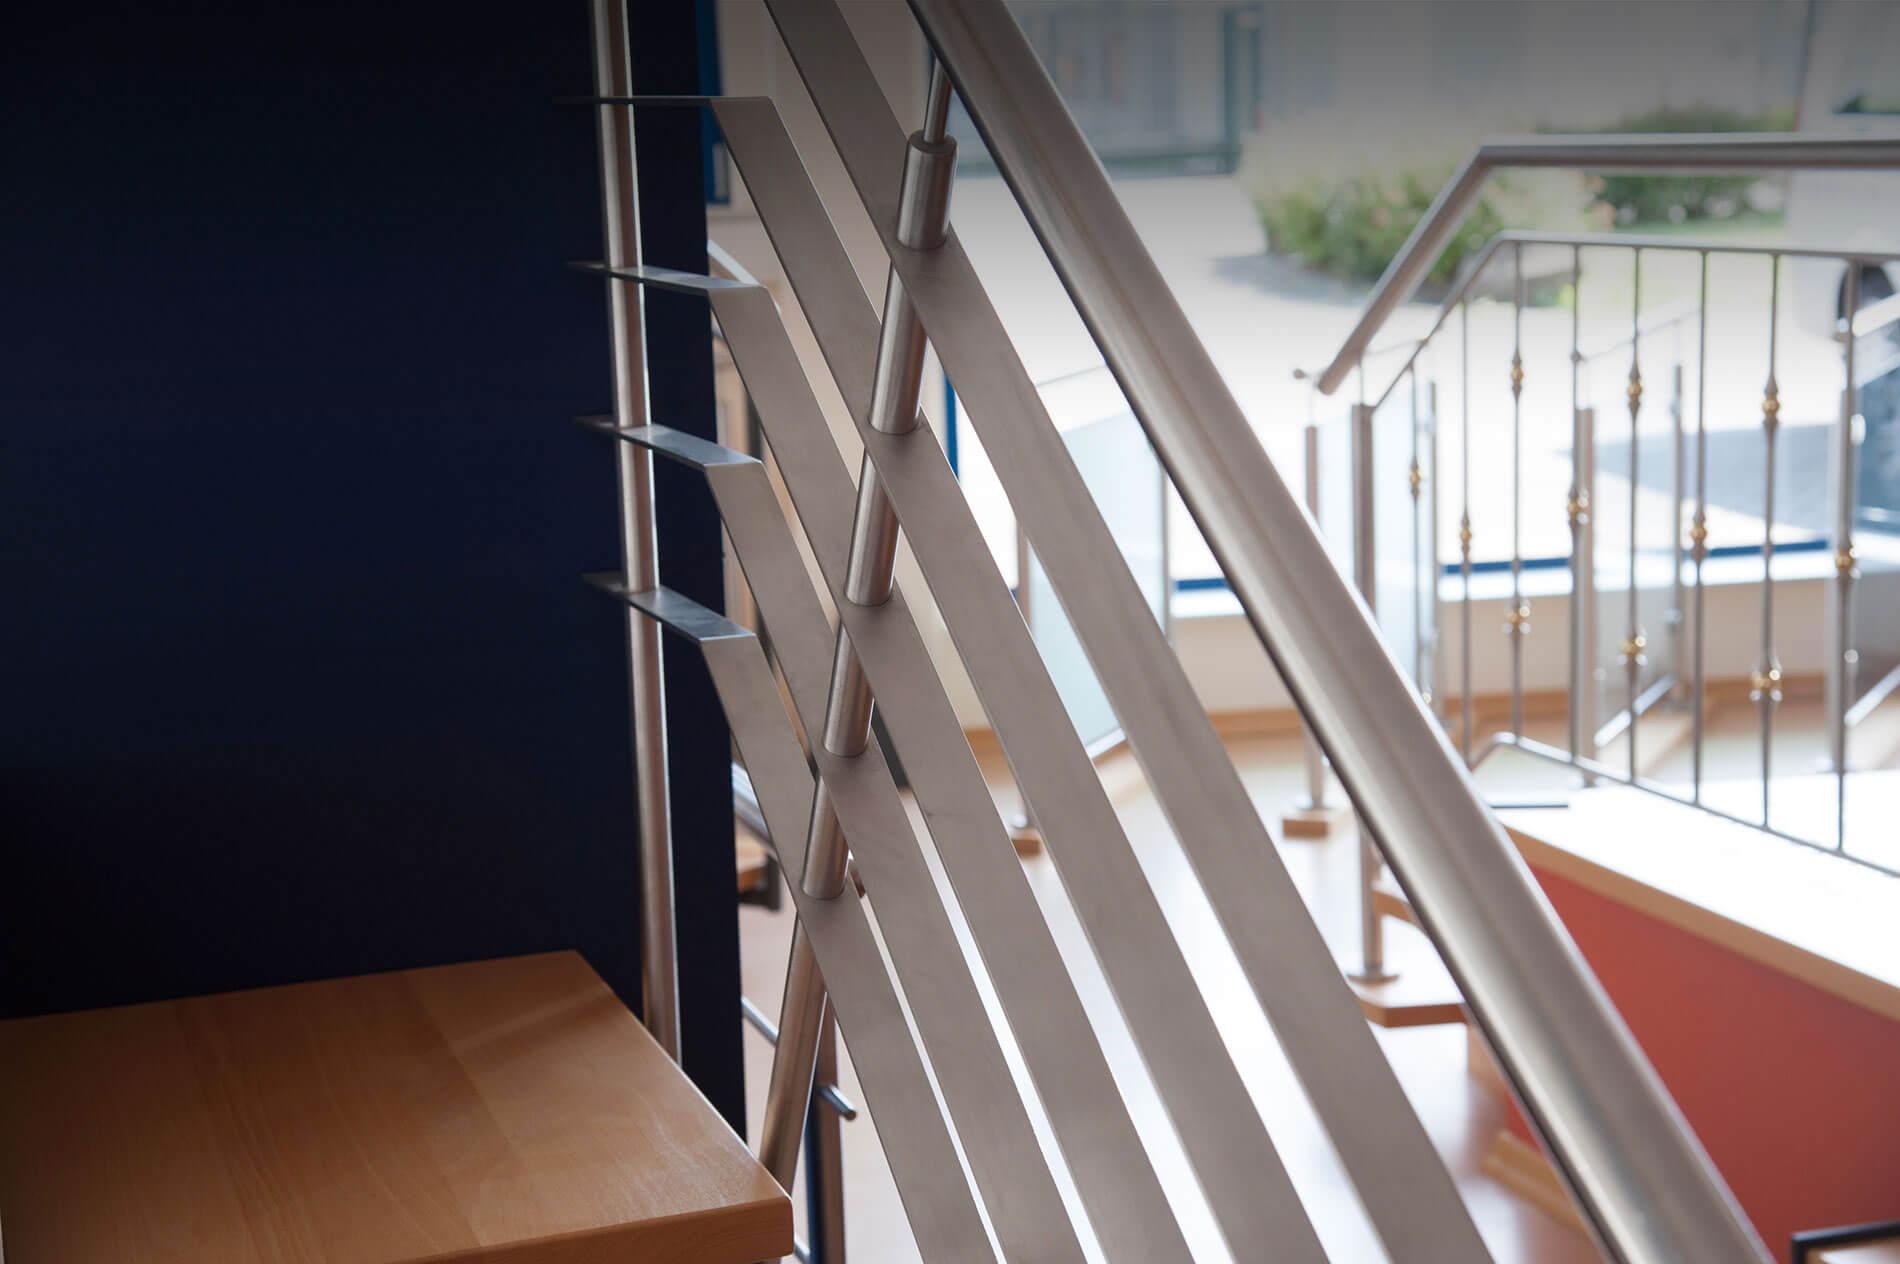 oberb rsch design edles aus stahl. Black Bedroom Furniture Sets. Home Design Ideas